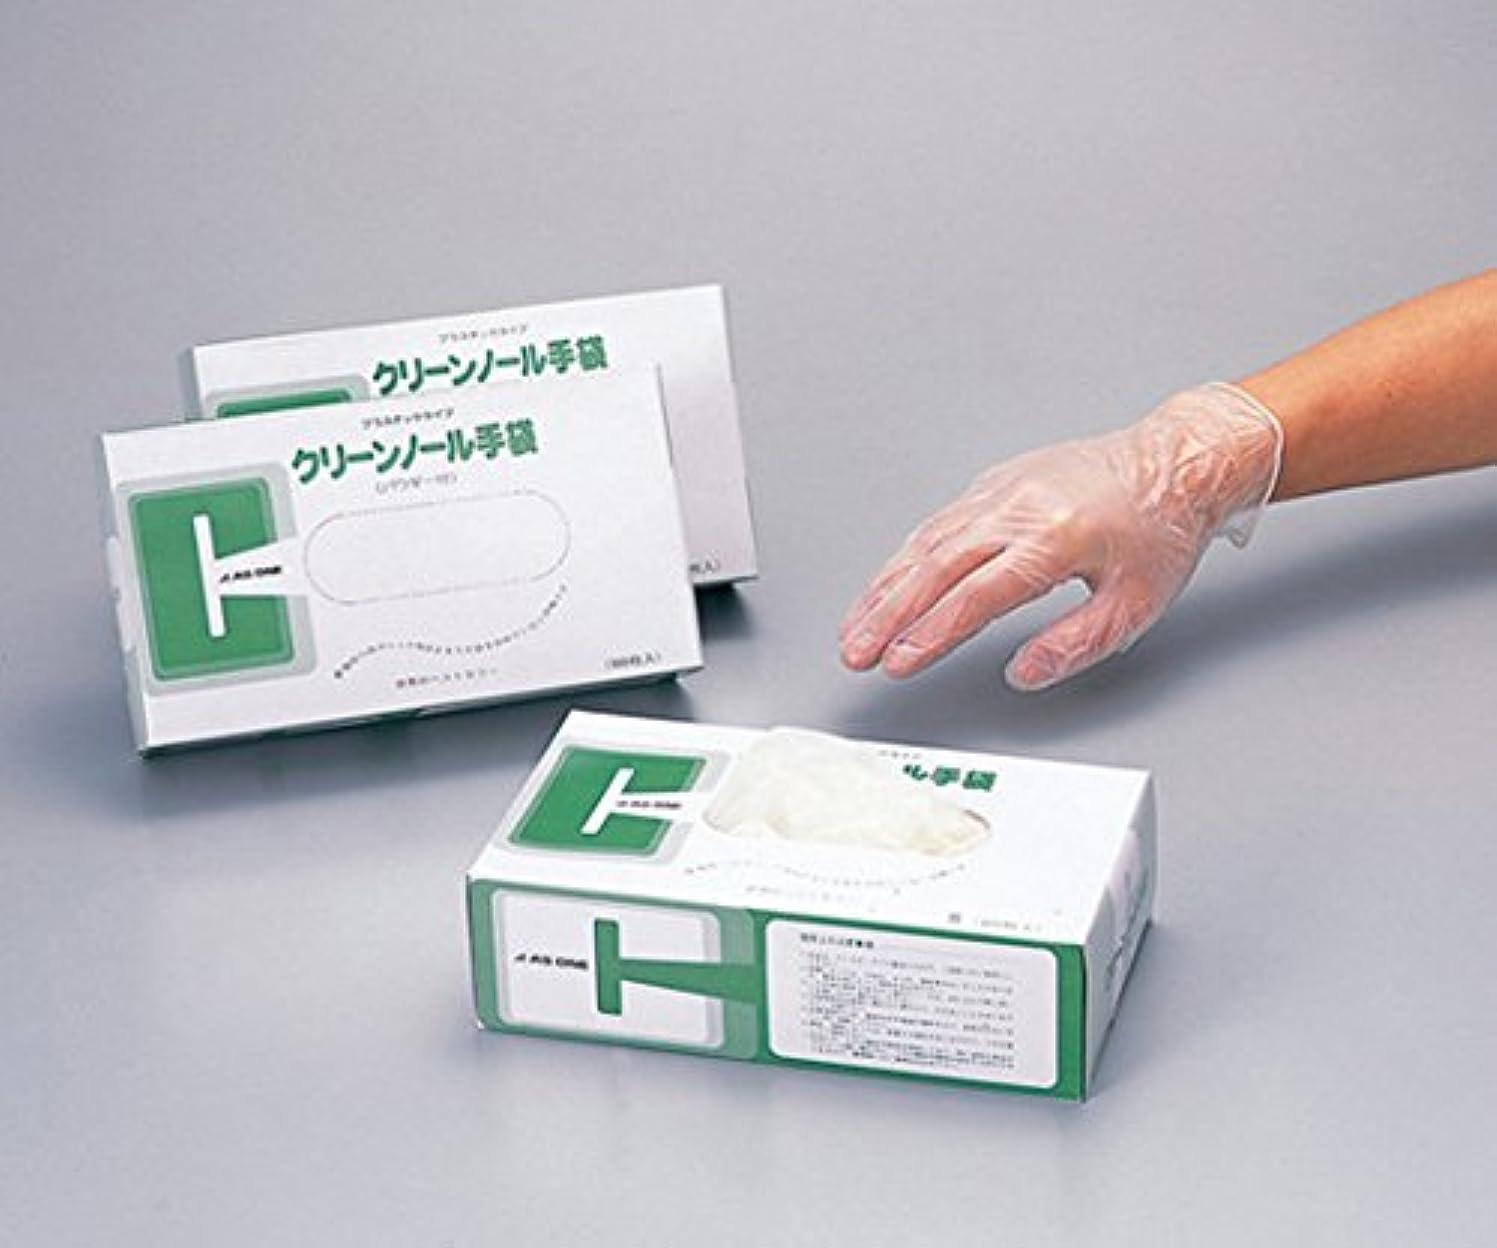 財布犯す滞在アズワン6-903-13クリーンノール手袋PVCパウダー付S10箱(1000枚入)